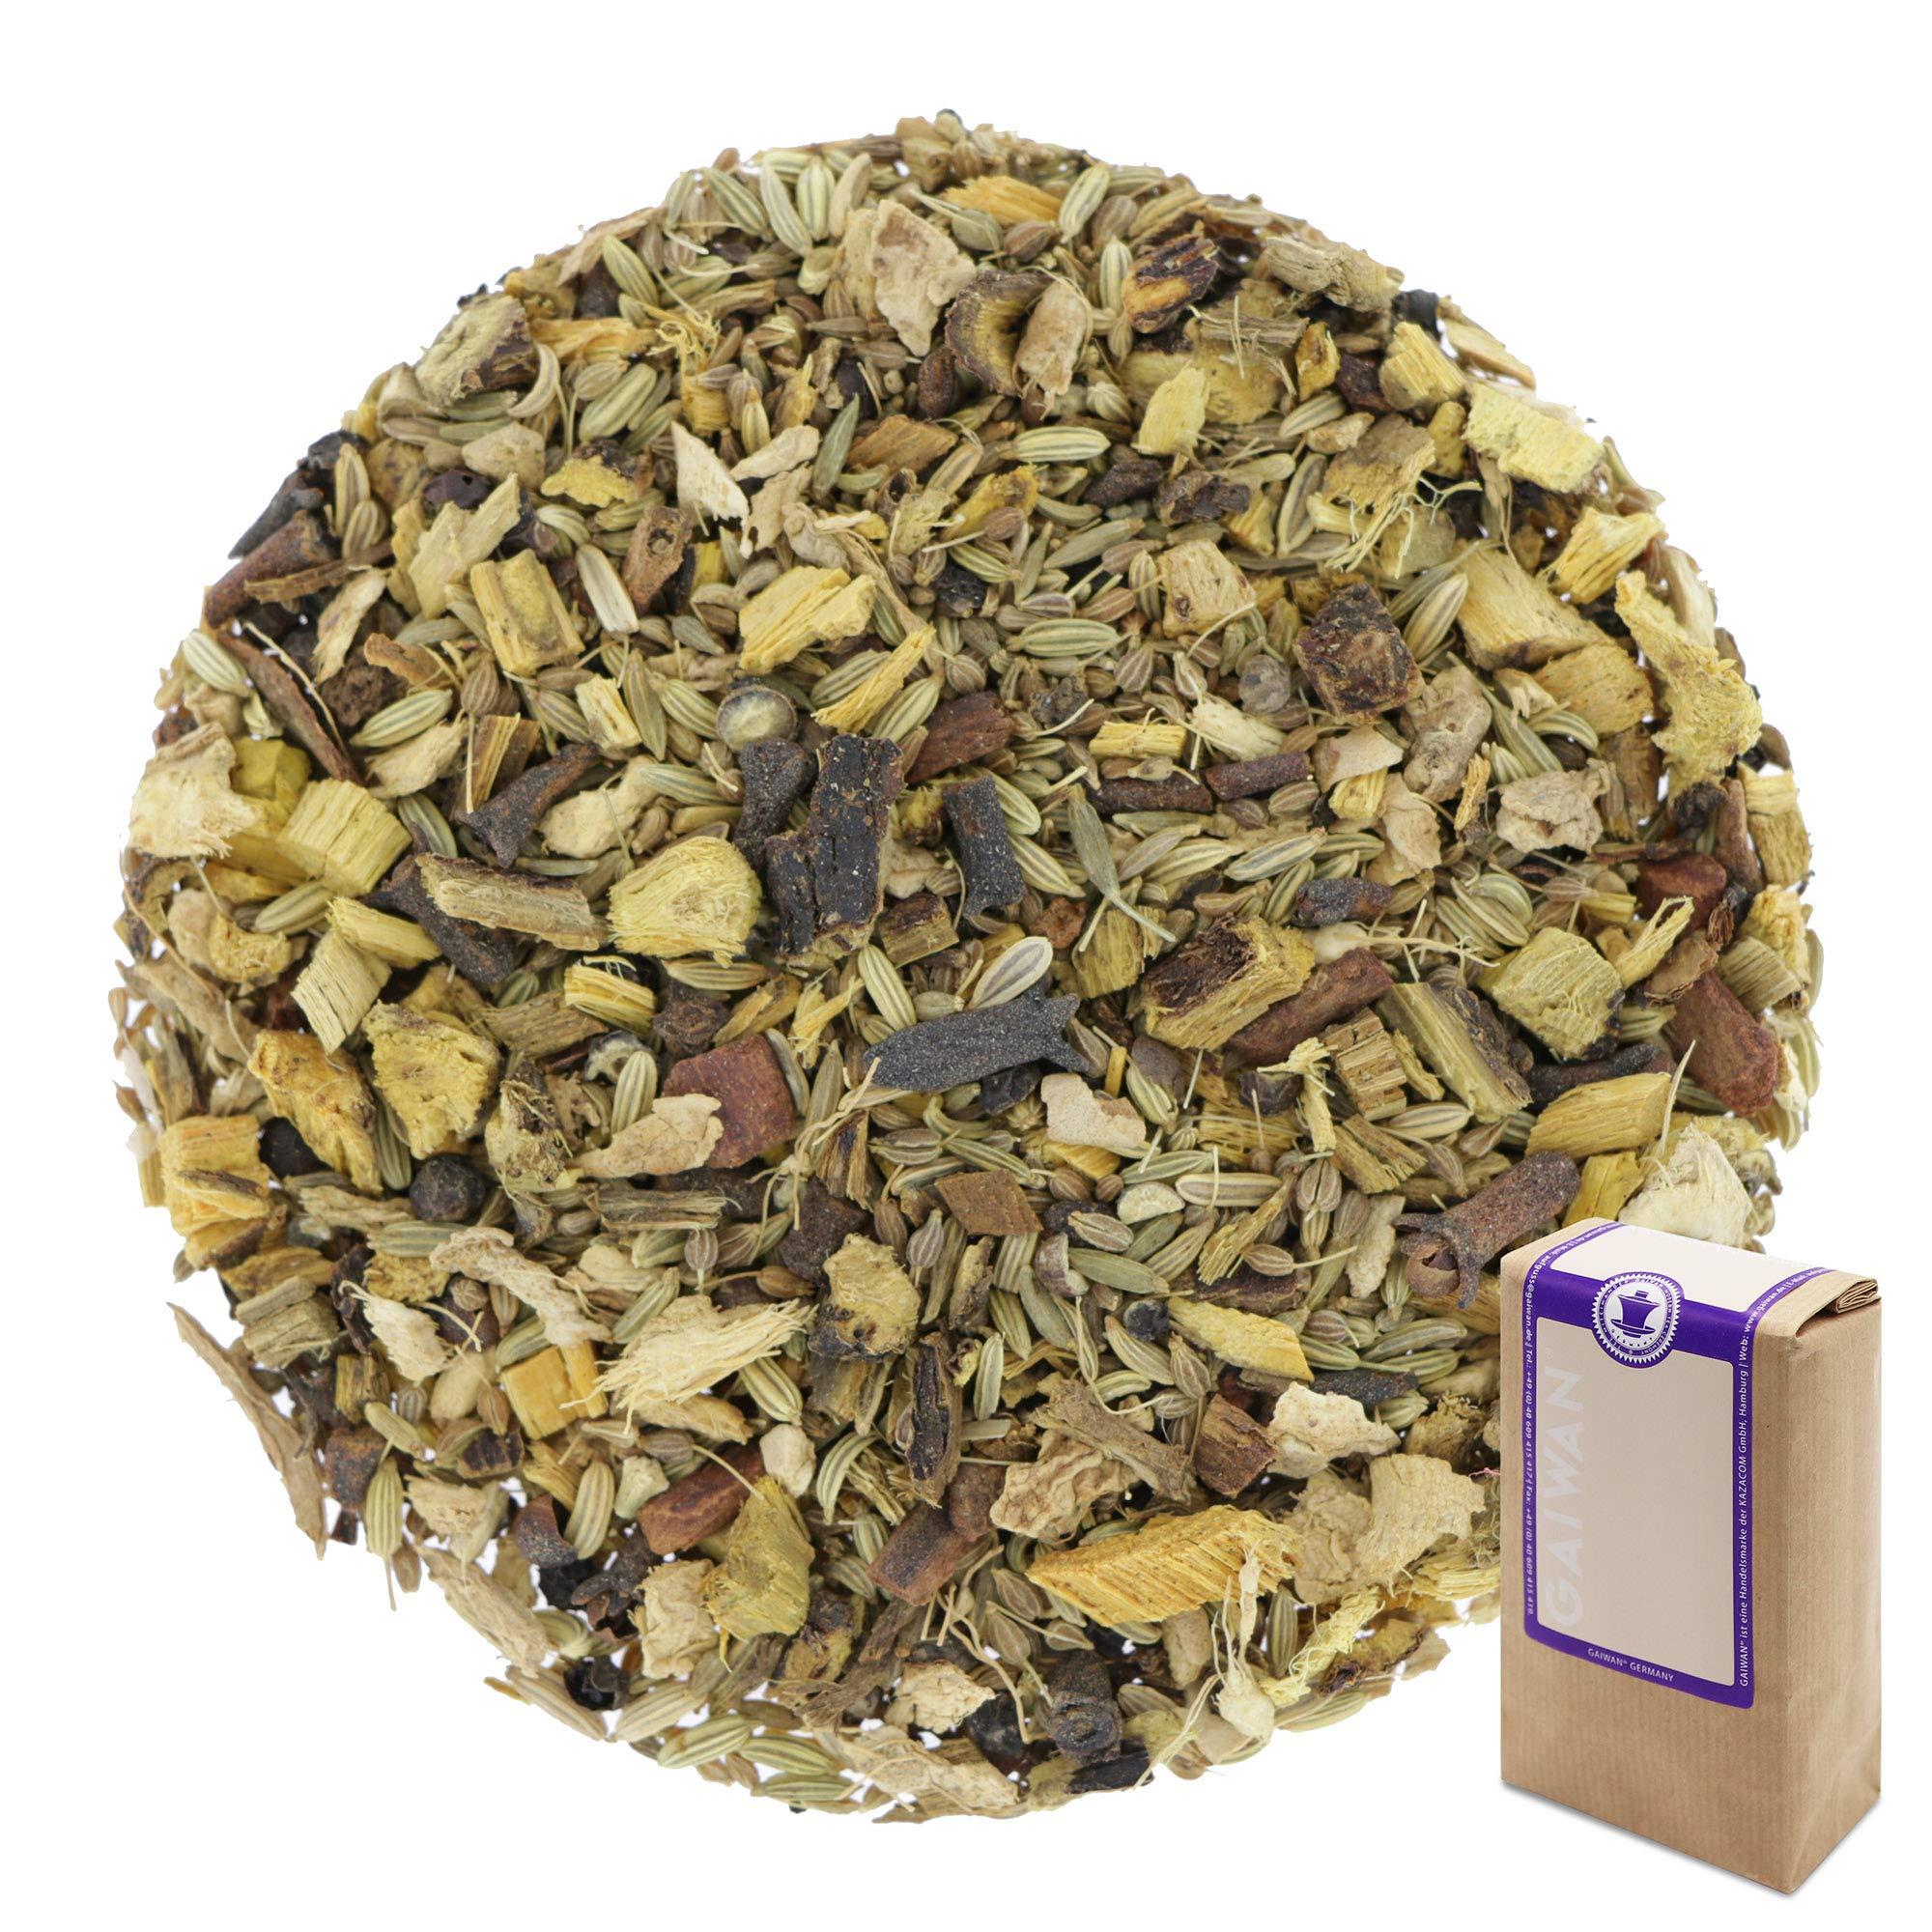 """Núm. 1200: Té de hierbas orgánico """"Chai dulce"""" - hojas sueltas ecológico - 250 g - GAIWAN® GERMANY - anís, hinojo, regaliz, pimienta negro, cassia, jengibre, clavel"""